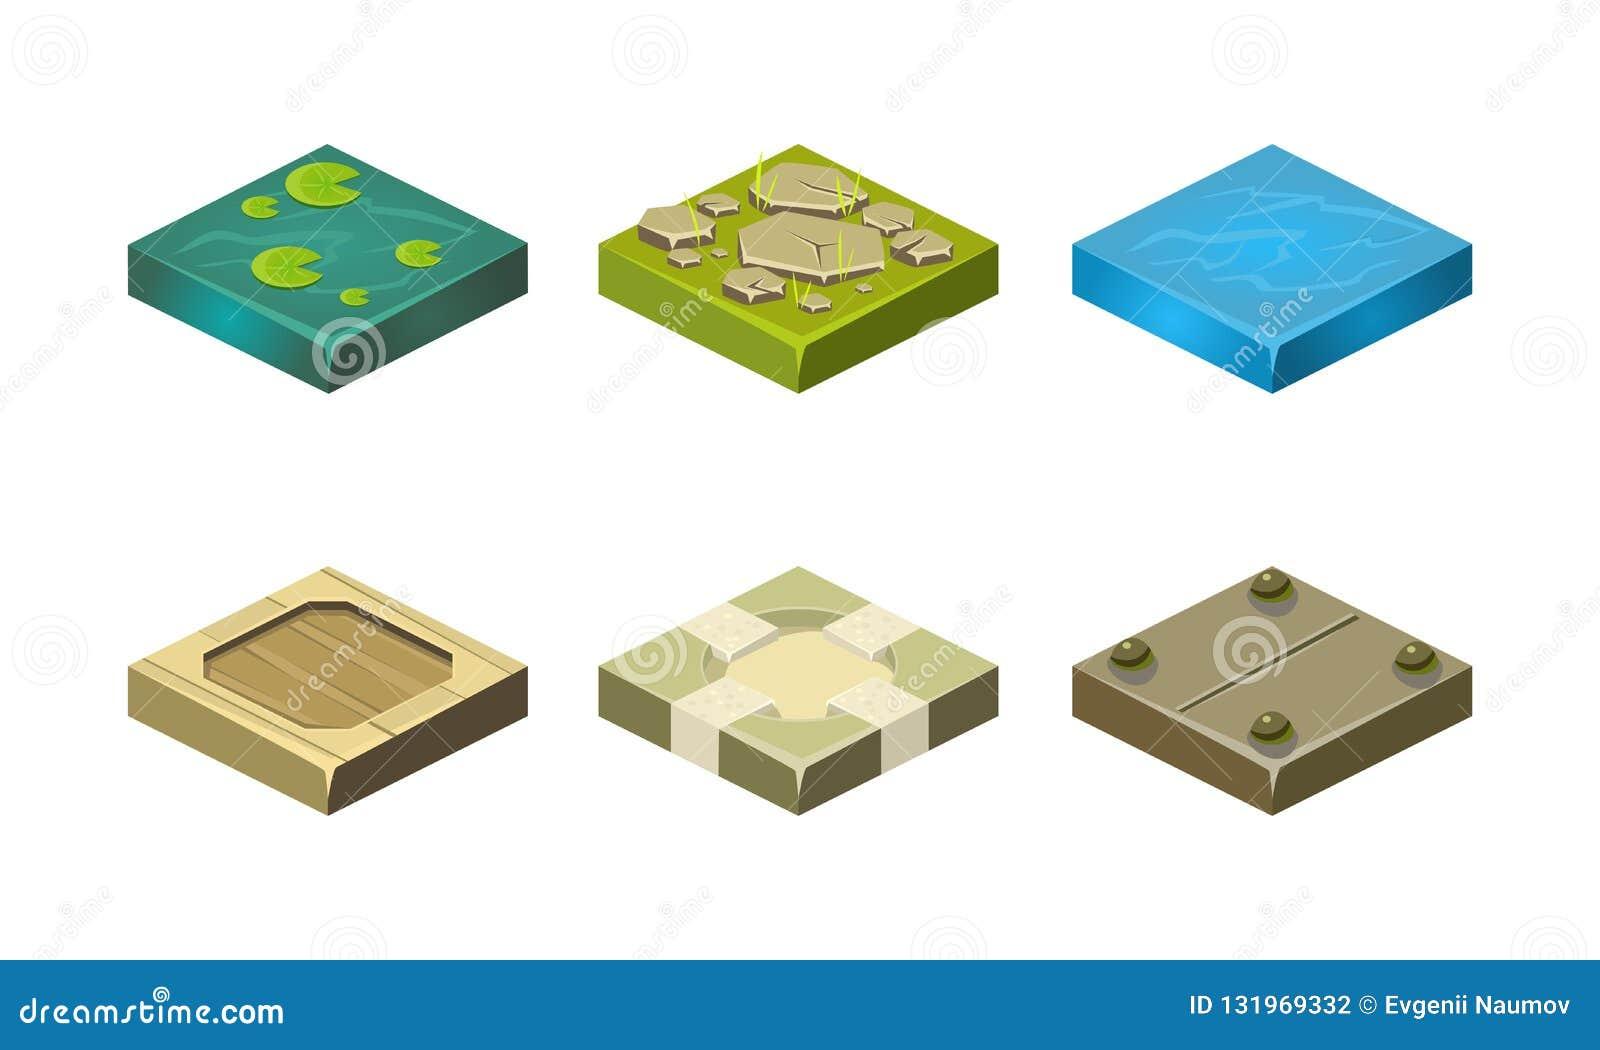 Platformy różne zmielone tekstury ustawiają, interfejs użytkownika wartości dla mobilnej app lub gra wideo wektorowej ilustracji